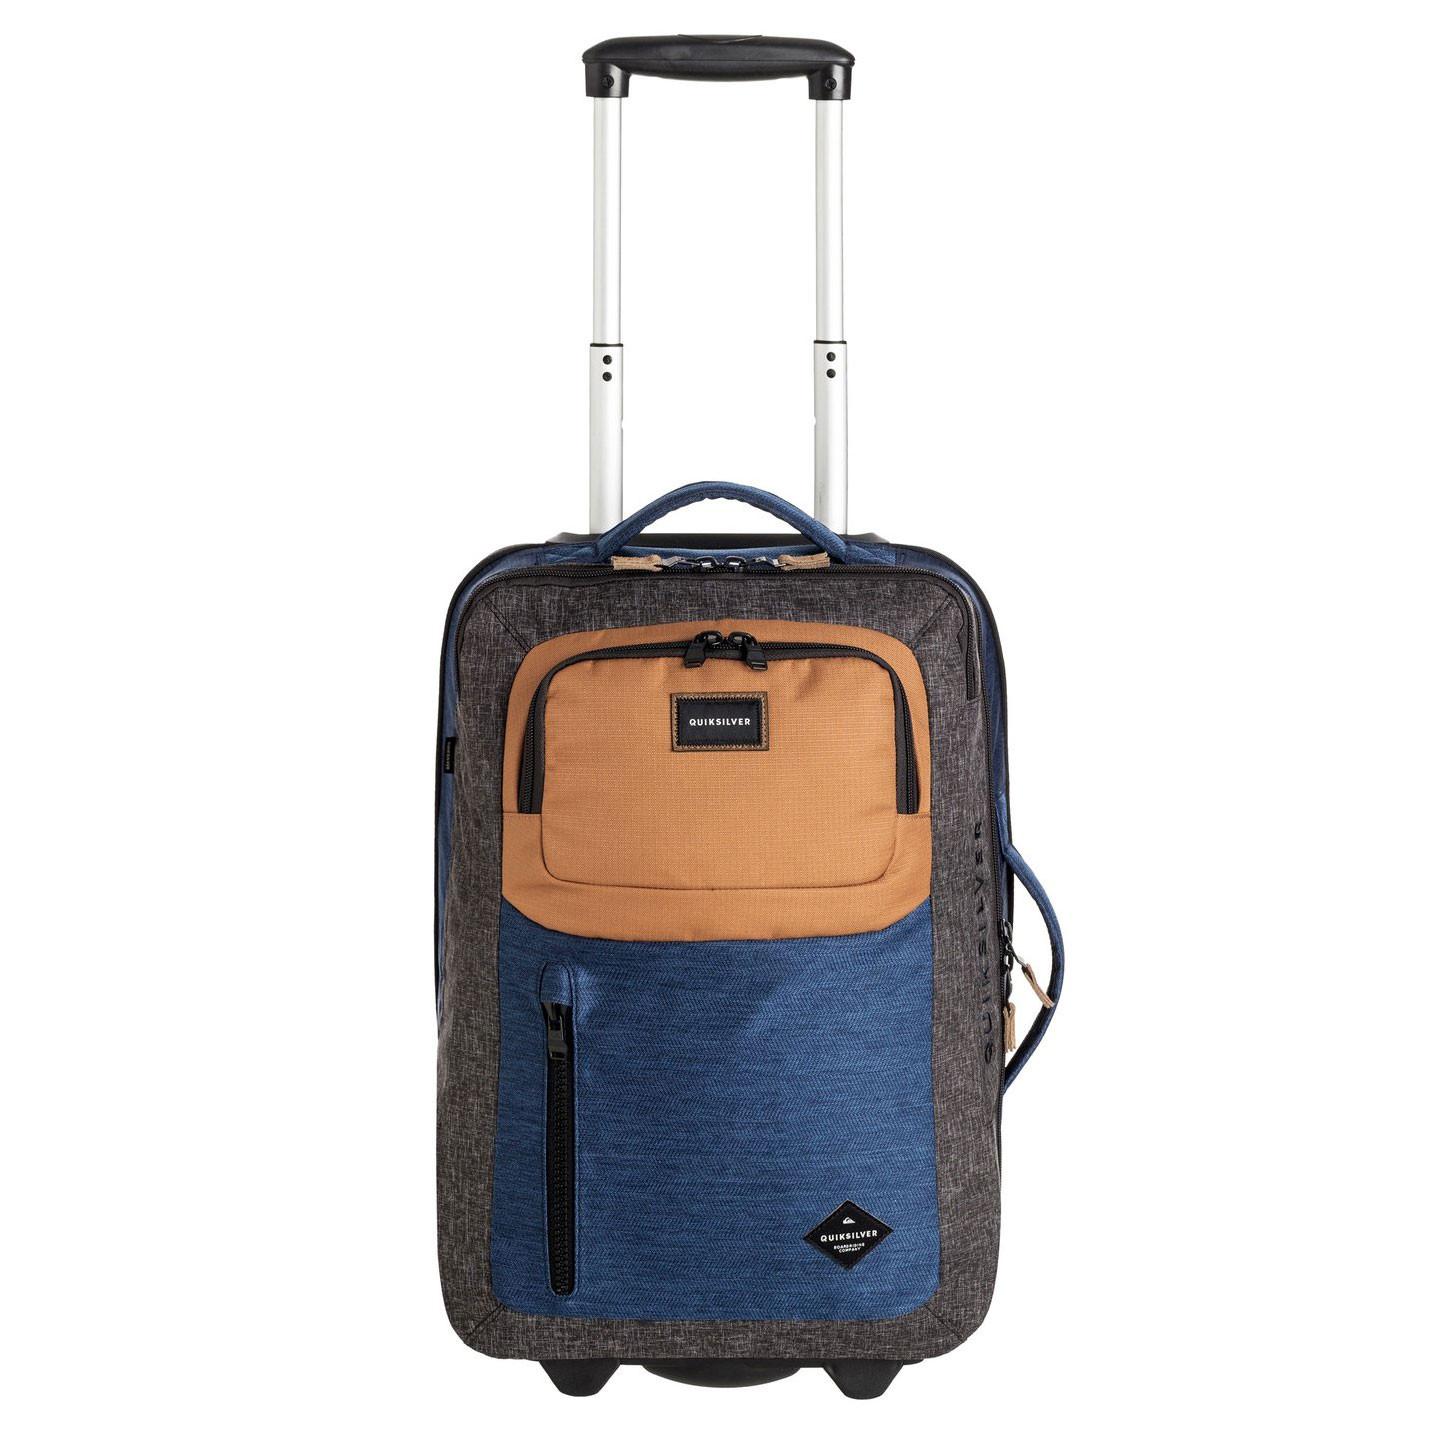 Cestovní taška Quiksilver Horizon medieval blue